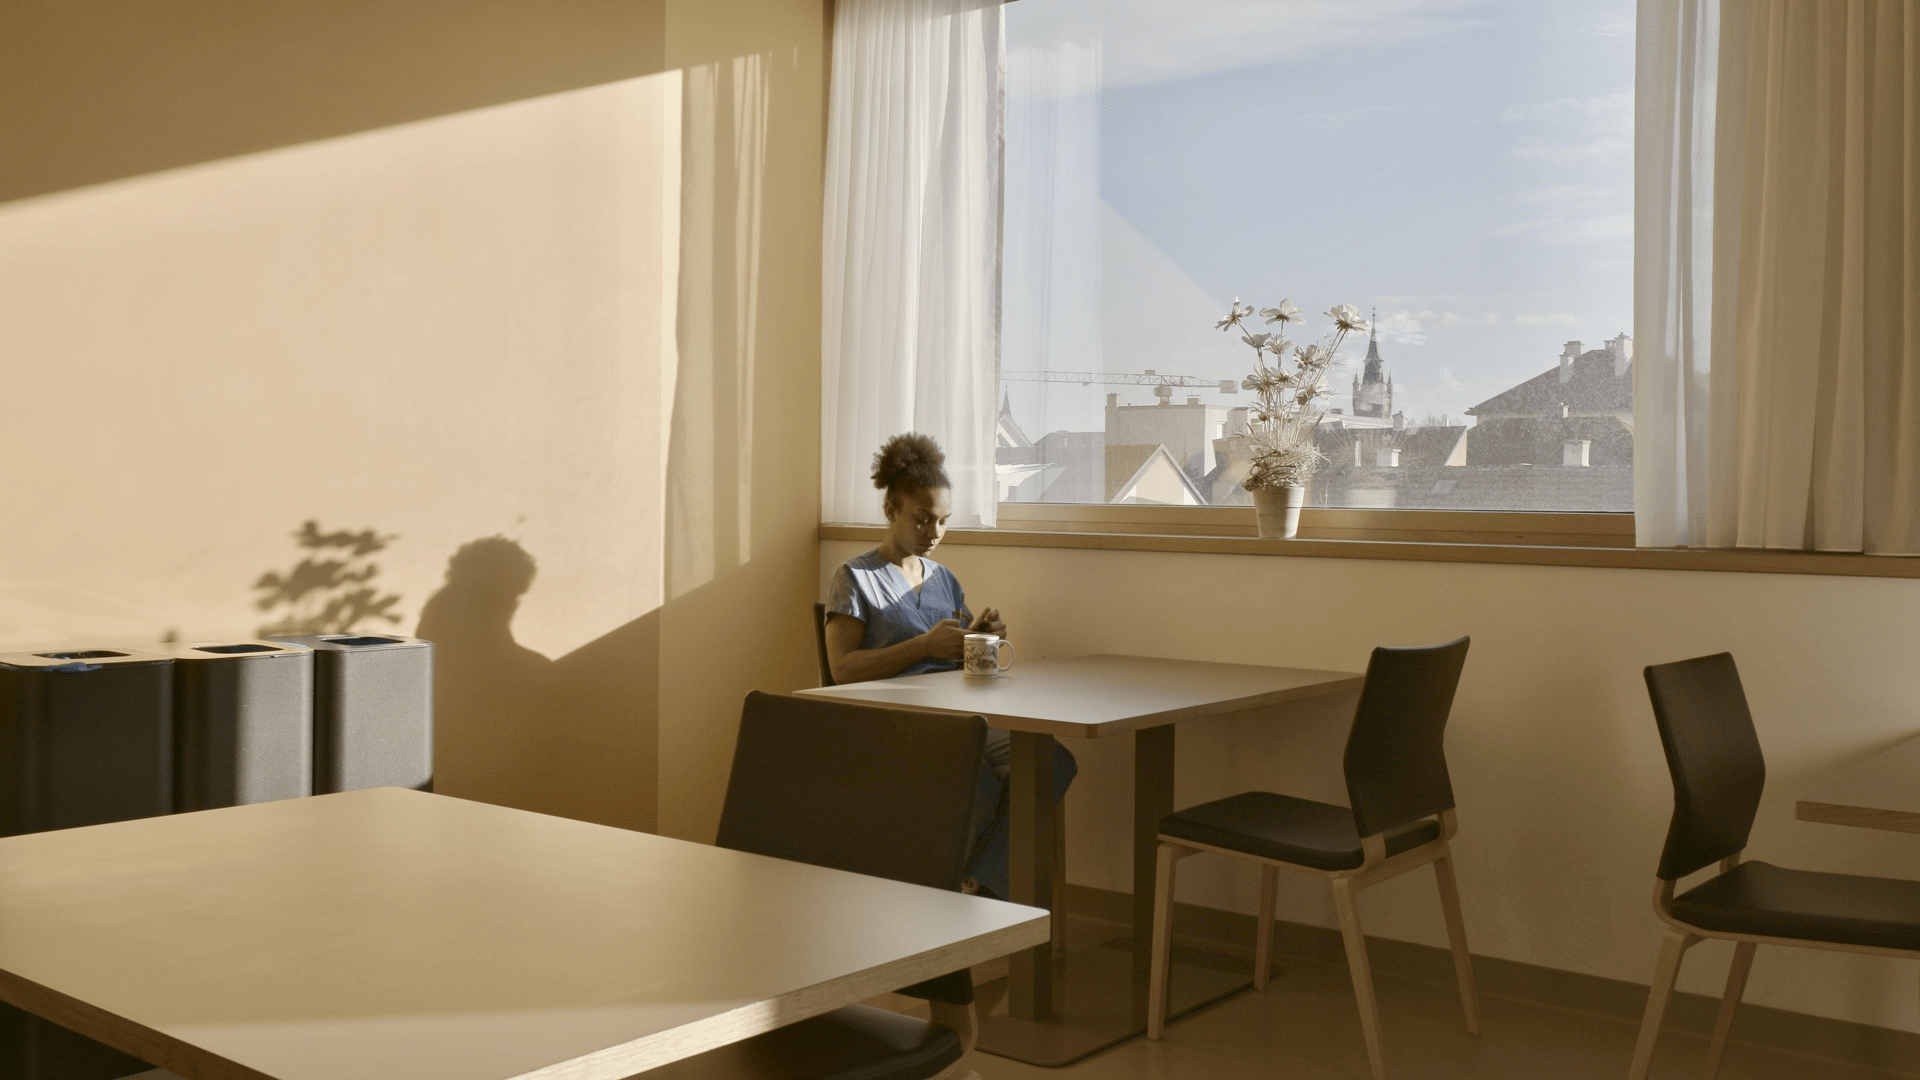 In einem ruhigen Augenblick kann Josephine Turba, Studentin im ersten Jahr, kurz durchatmen und die Erlebnisse ihres Praktikums reflektieren.